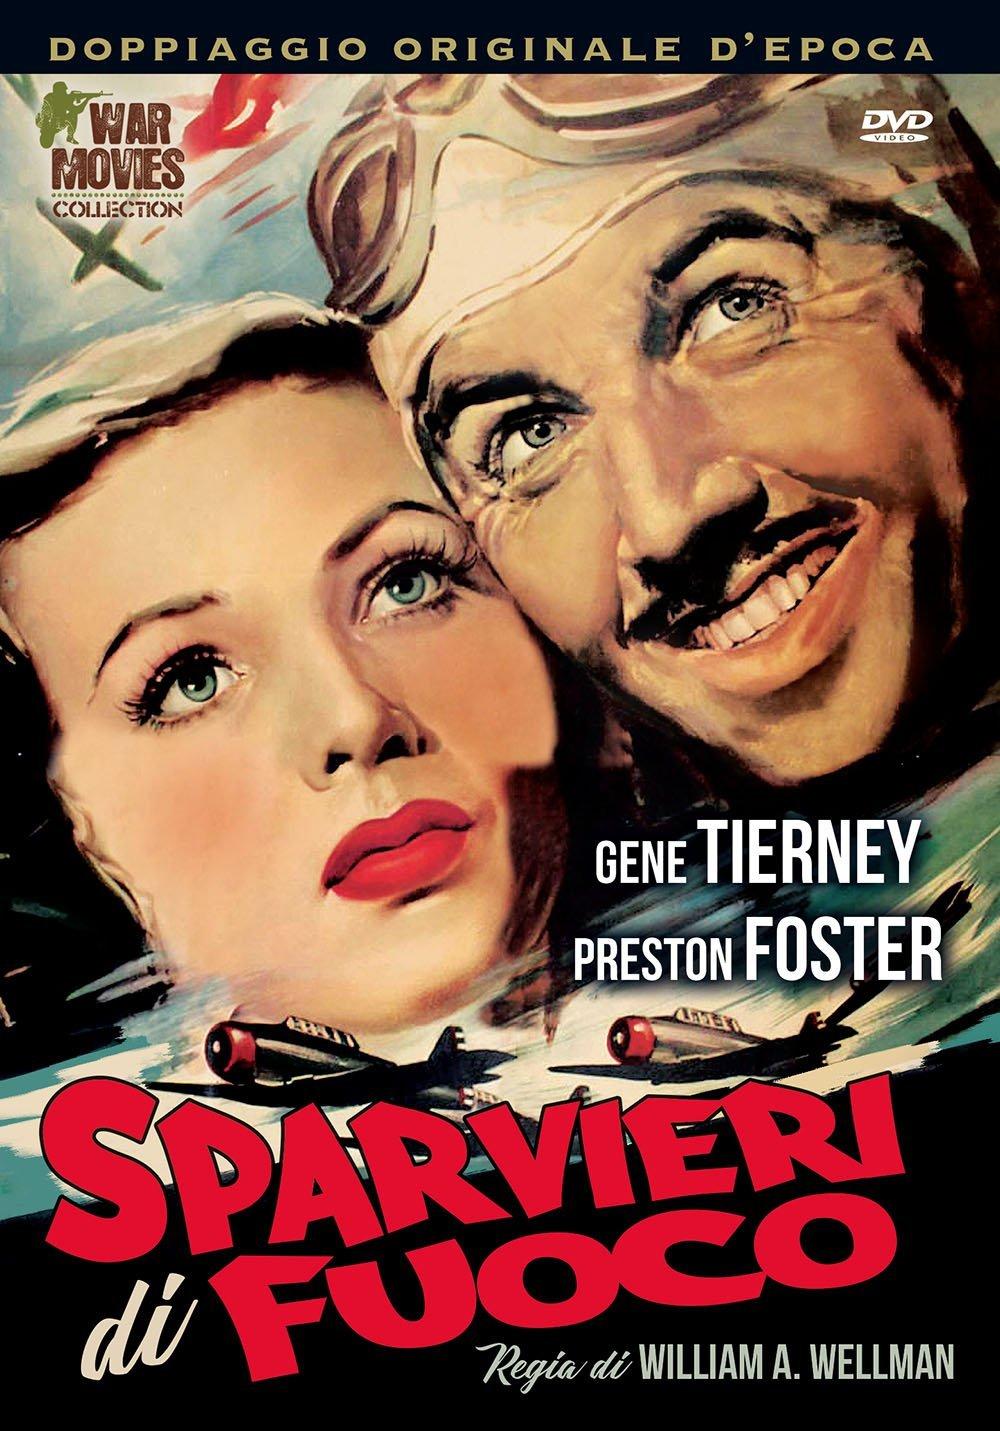 SPARVIERI DI FUOCO (DVD)